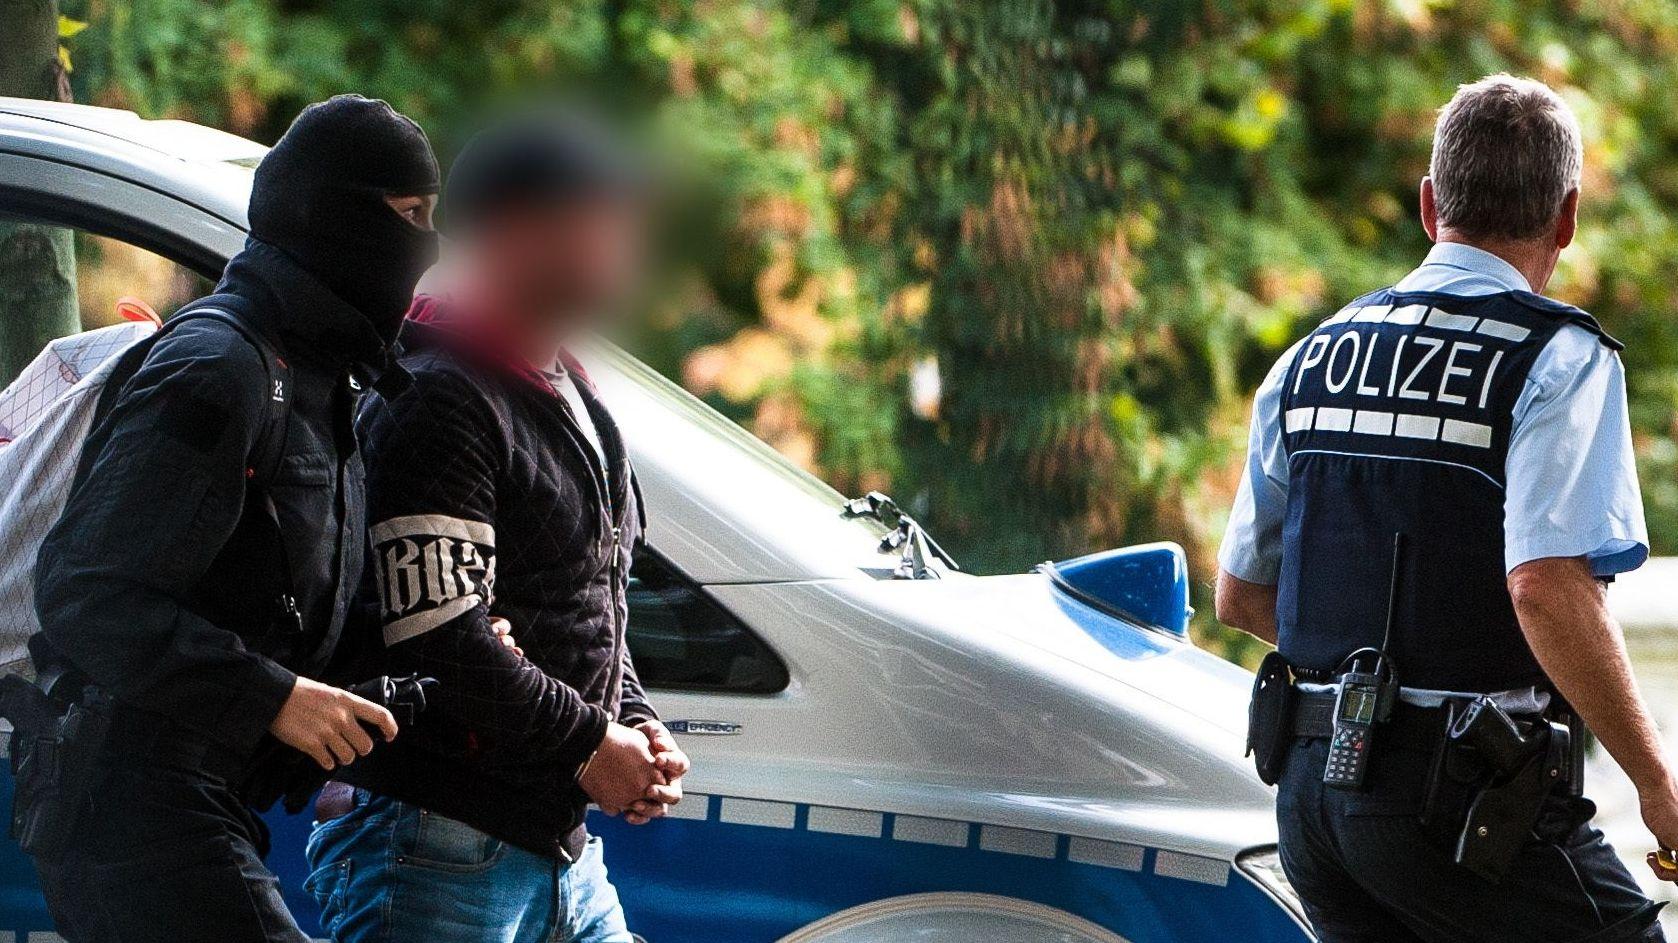 Mutmaßlicher Rechtsterrorist wird abgeführt